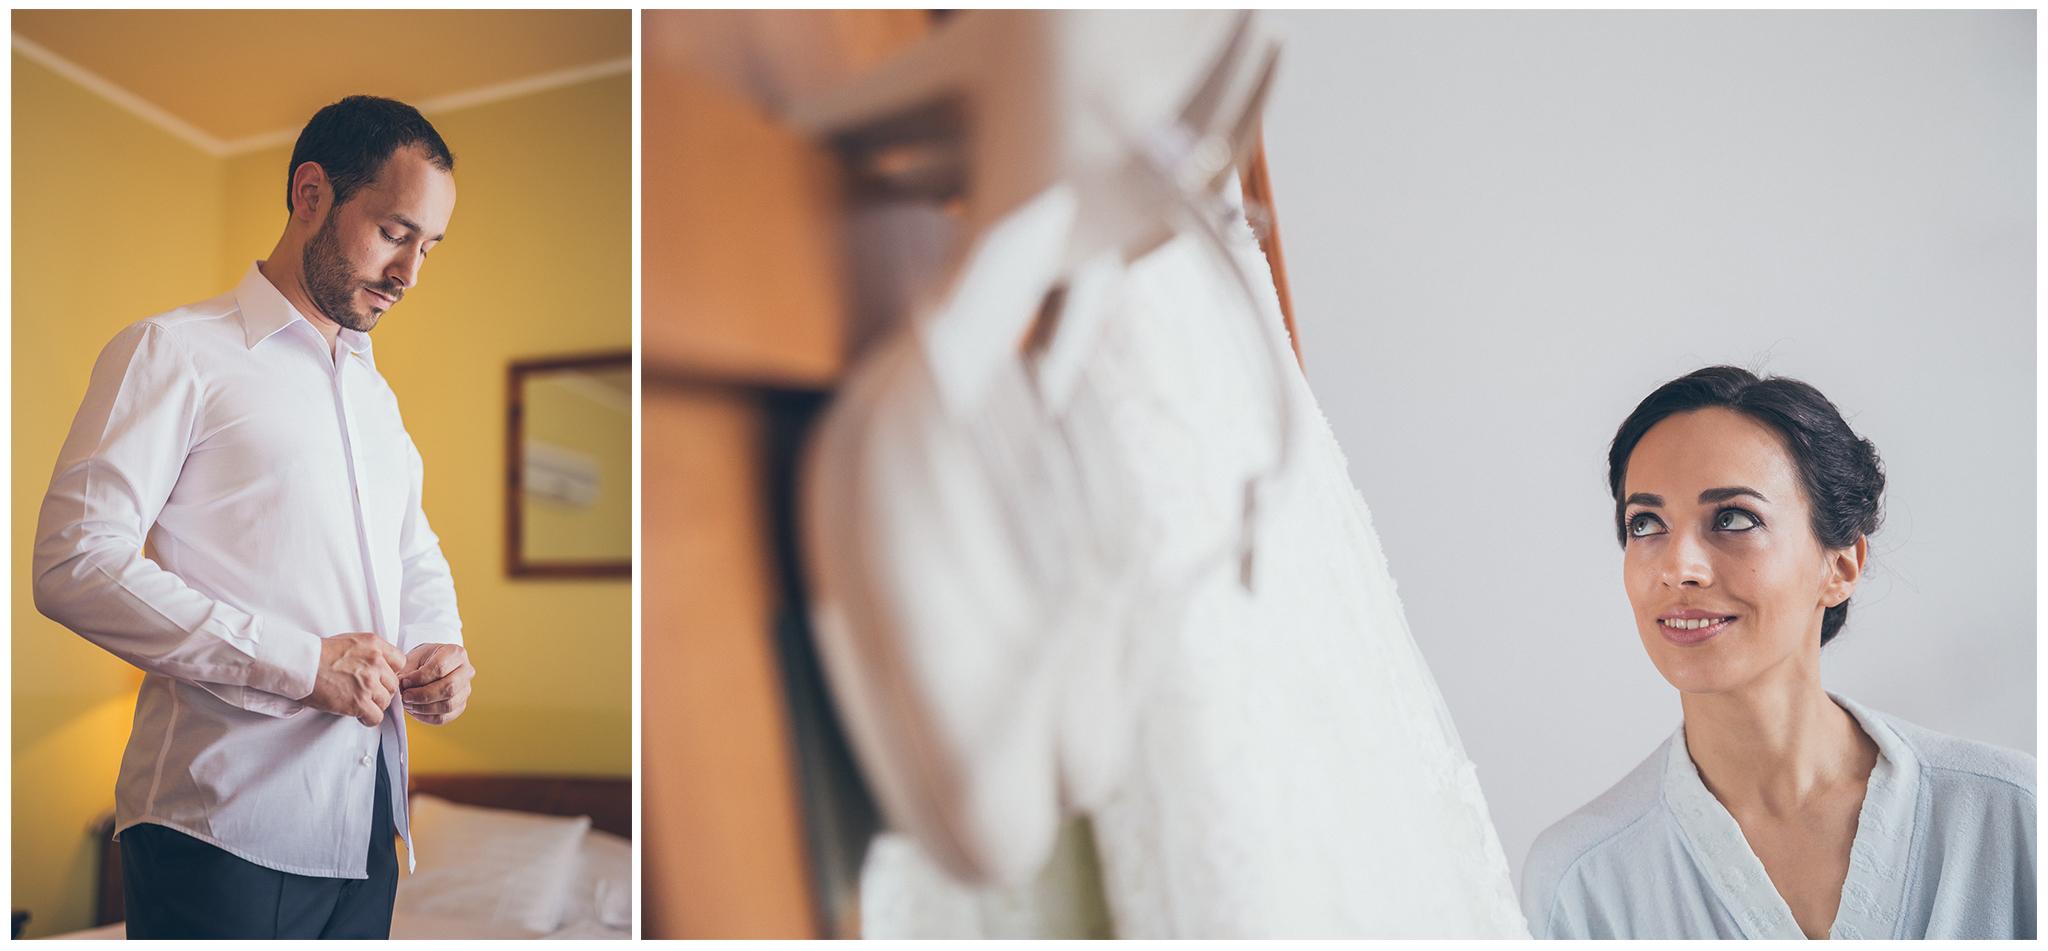 FylepPhoto, esküvőfotós, esküvői fotós Körmend, Szombathely, esküvőfotózás, magyarország, vas megye, prémium, jegyesfotózás, Fülöp Péter, körmend, kreatív, fotográfus_008.jpg